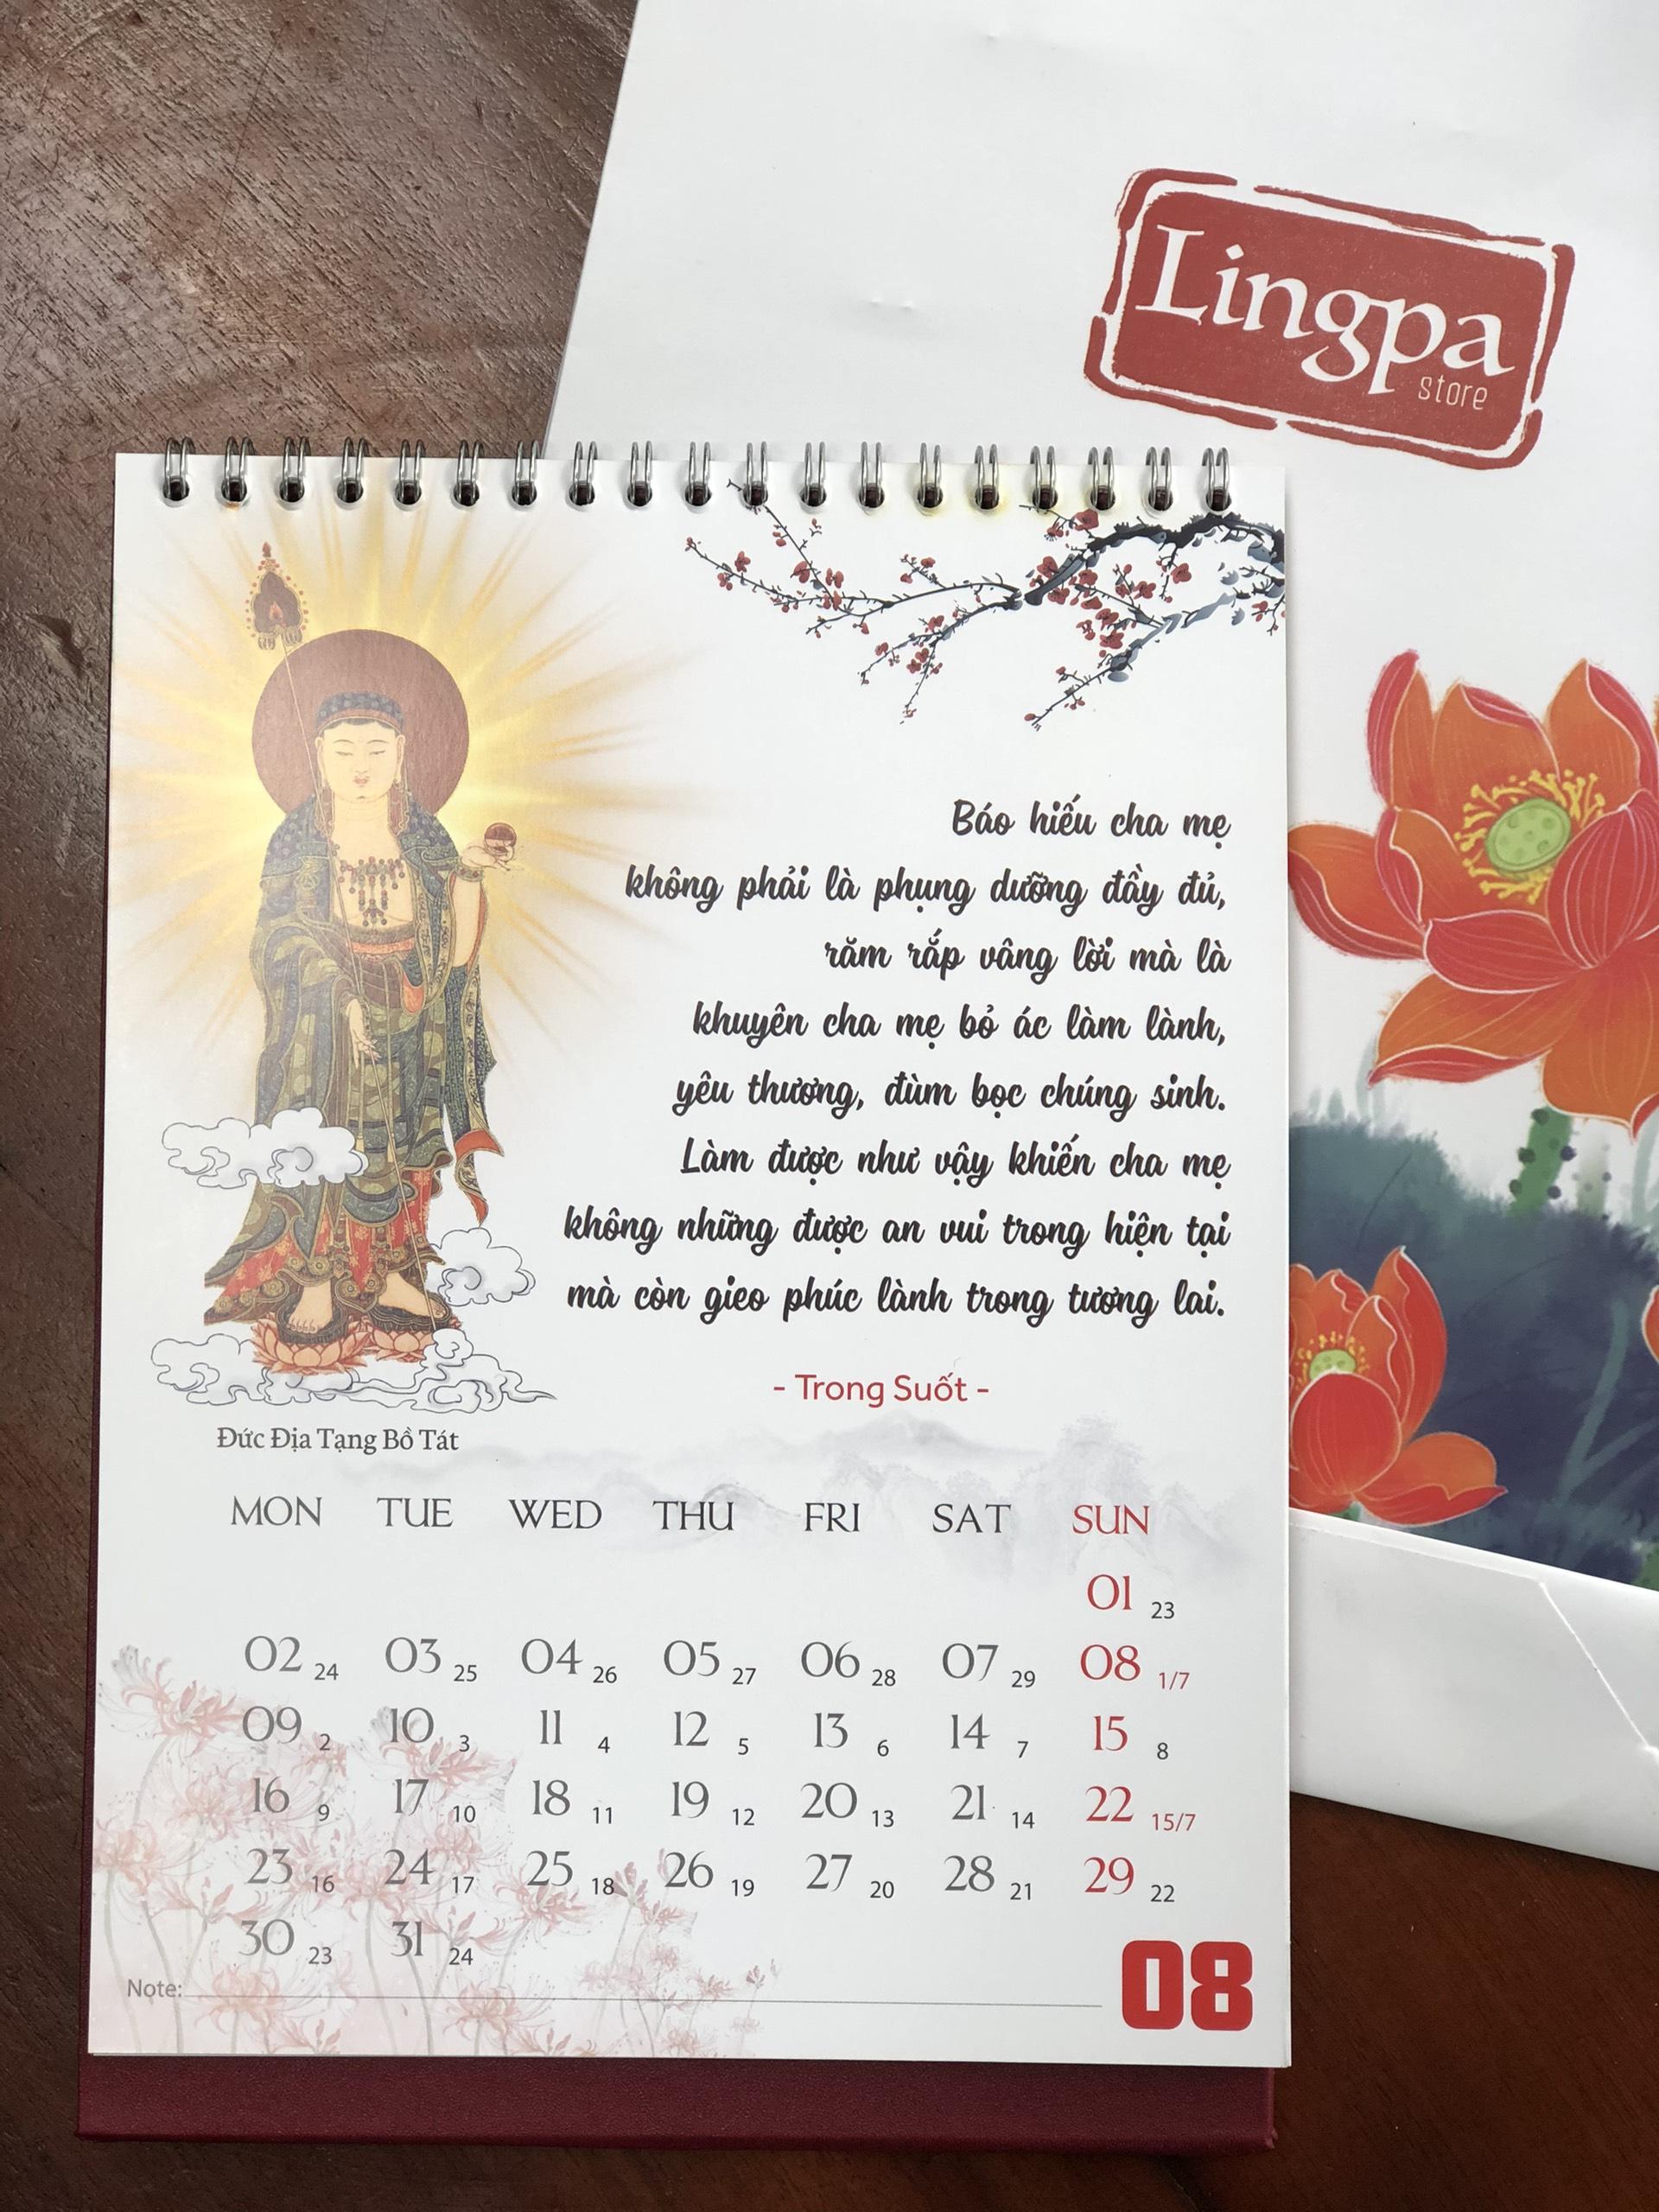 ĐÁNH THỨC TRÁI TIM – MỪNG XUÂN ĐẠI LẠC 15